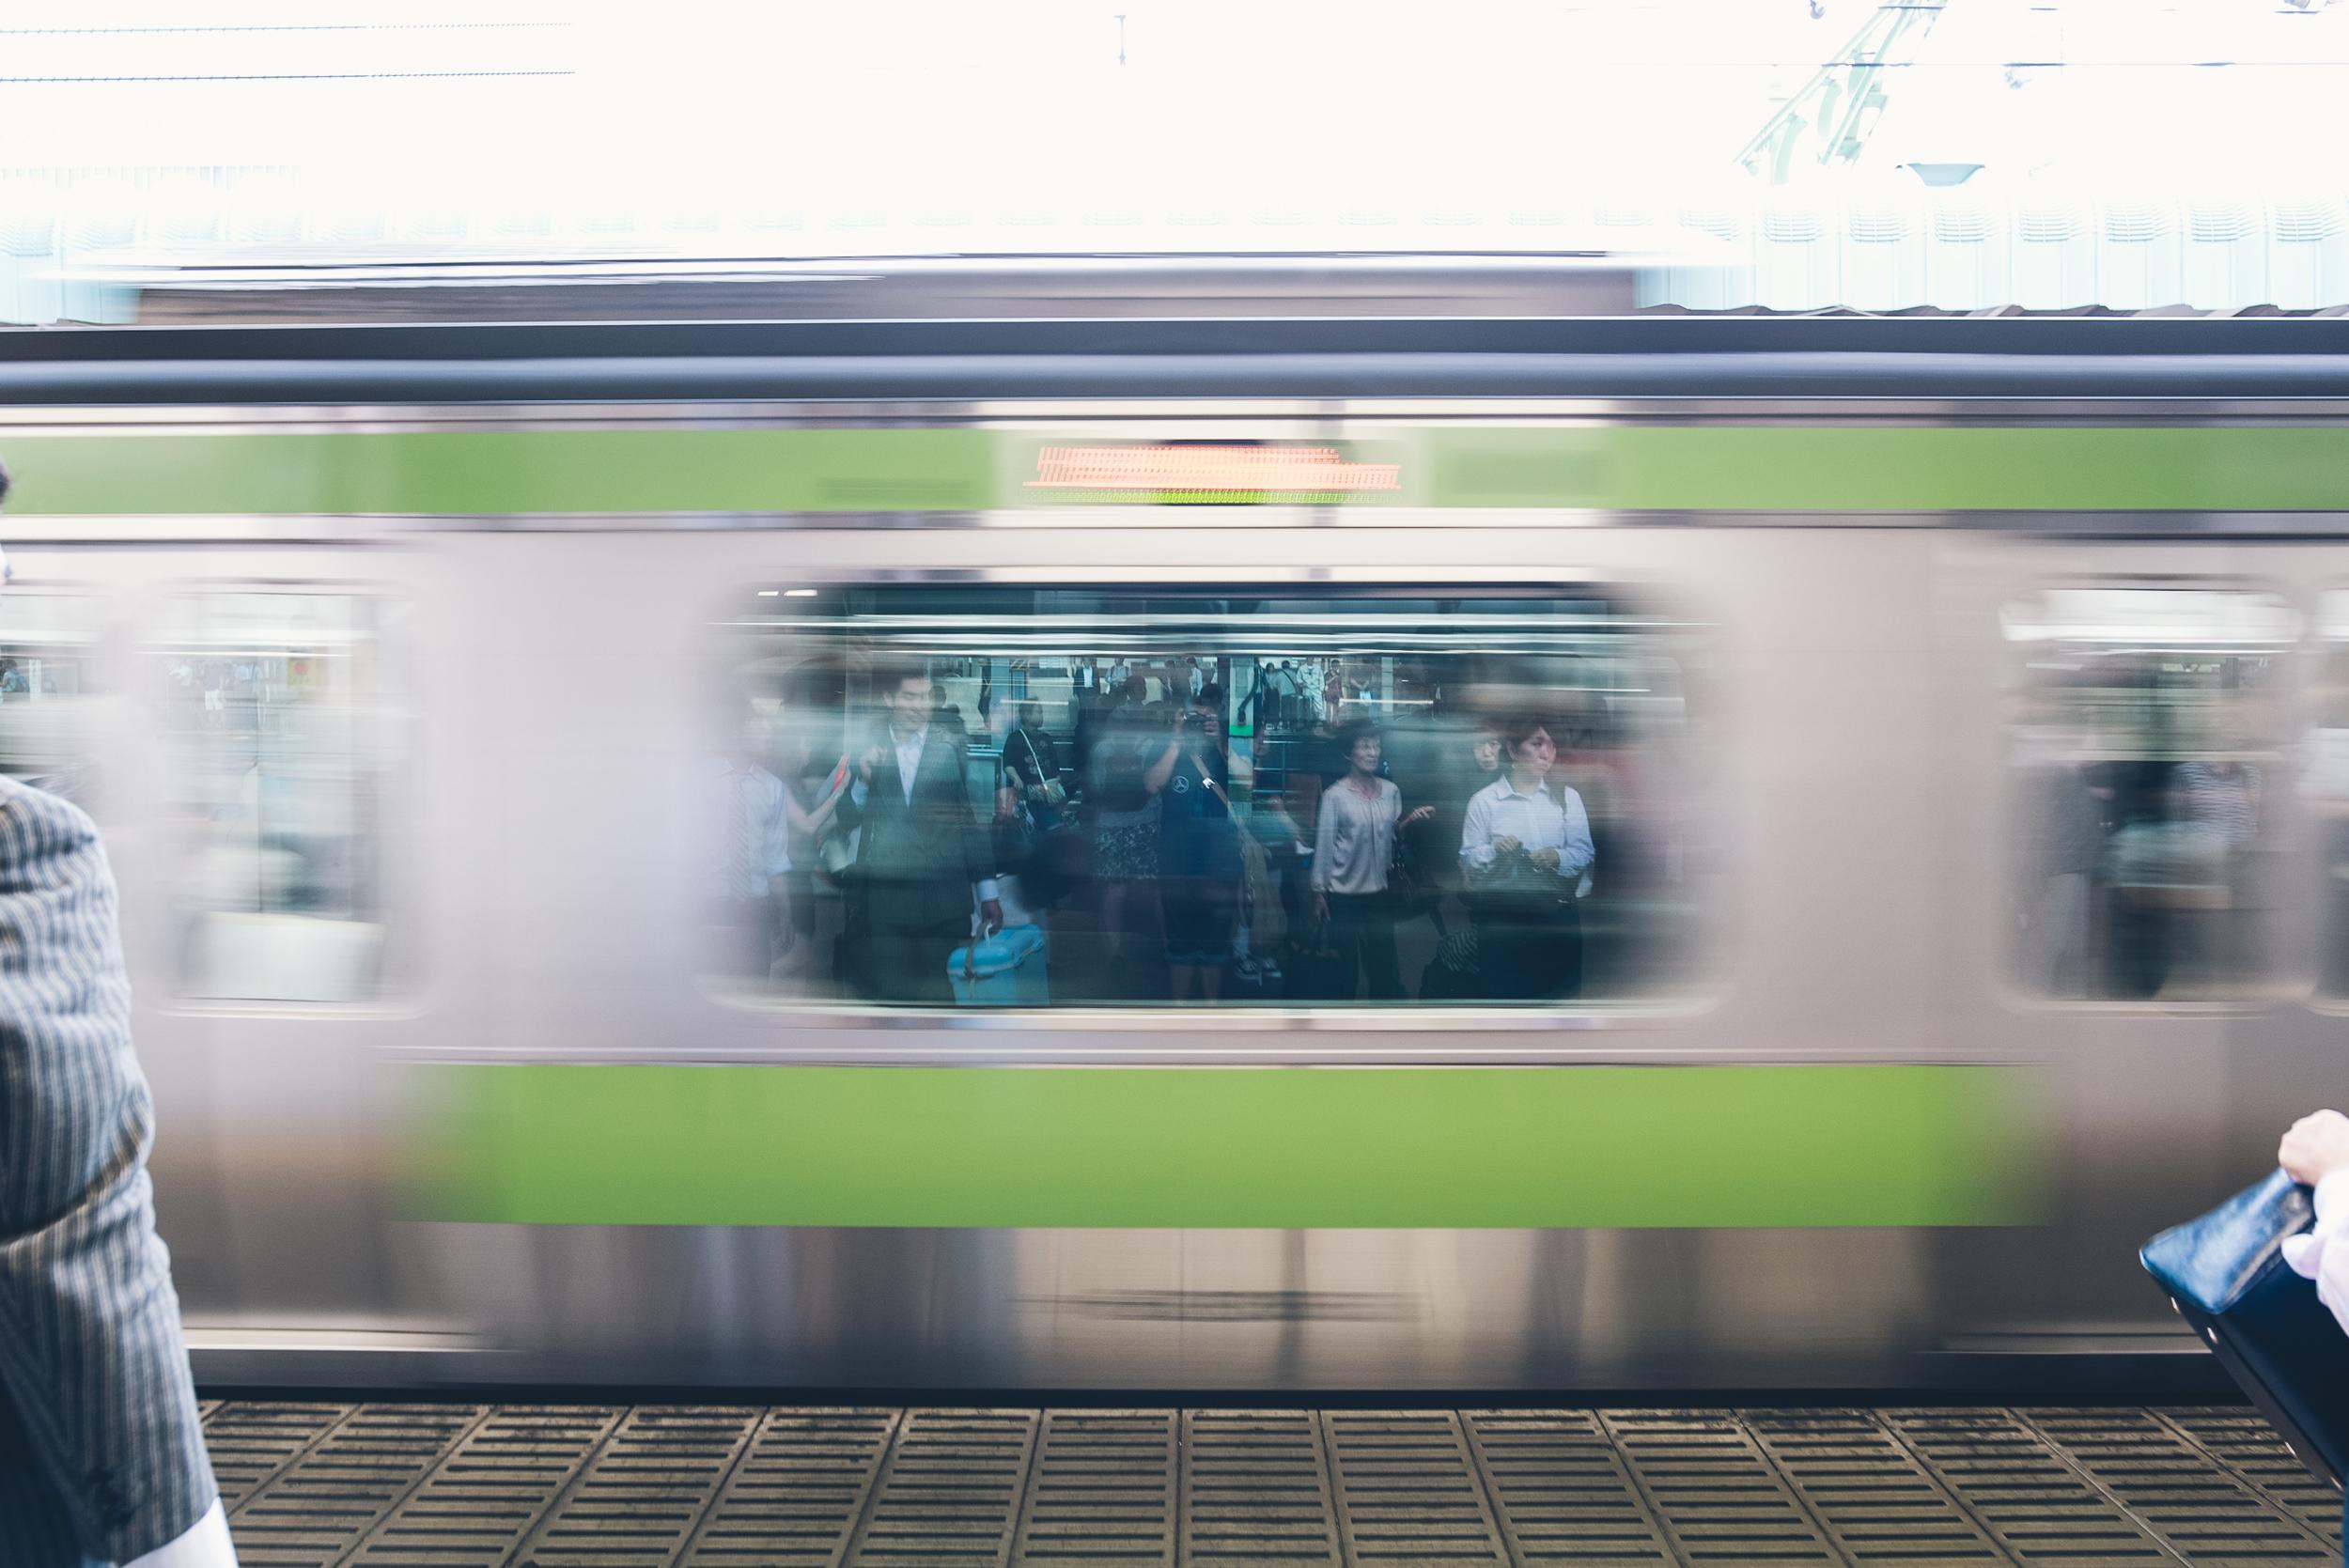 Tokyo_Augt15-79.jpg